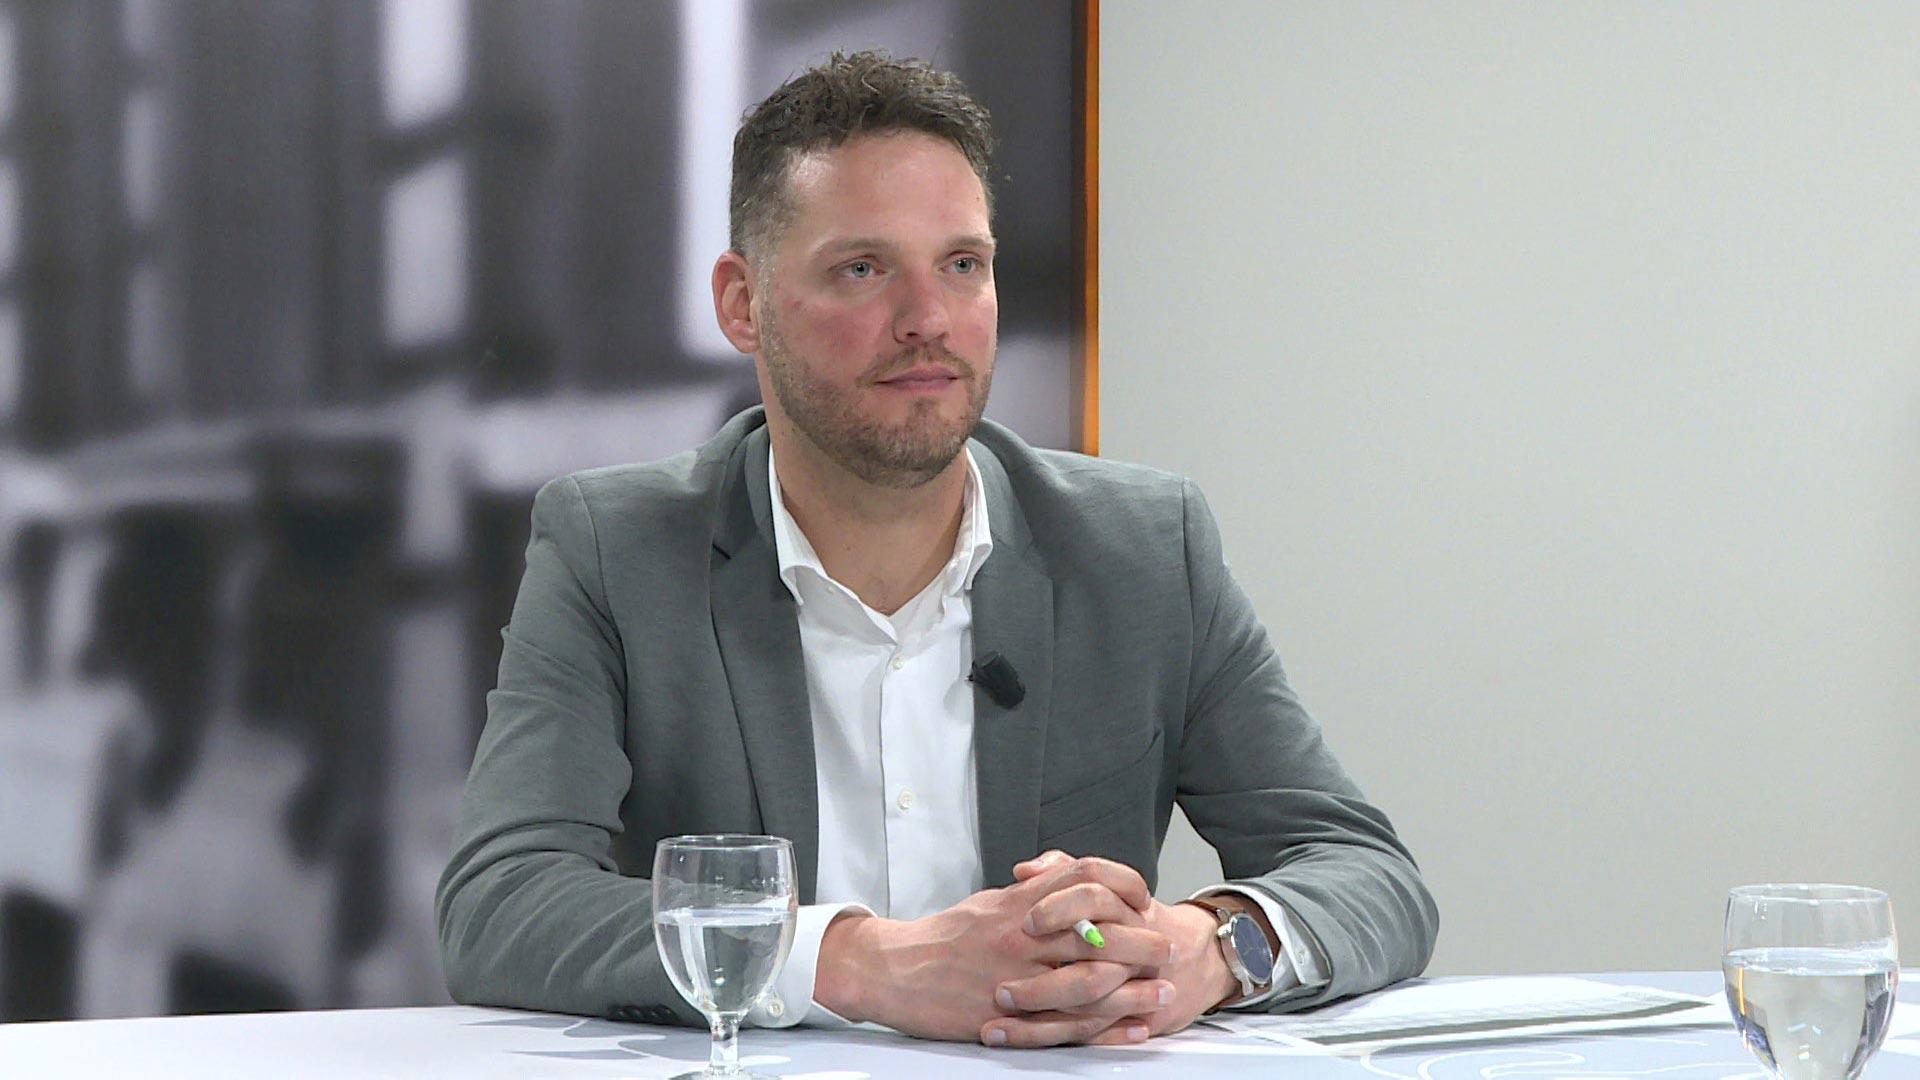 Studio Vlaams Parlement: Orry Van de Wauwer over agressie tegen chauffeurs van De Lijn